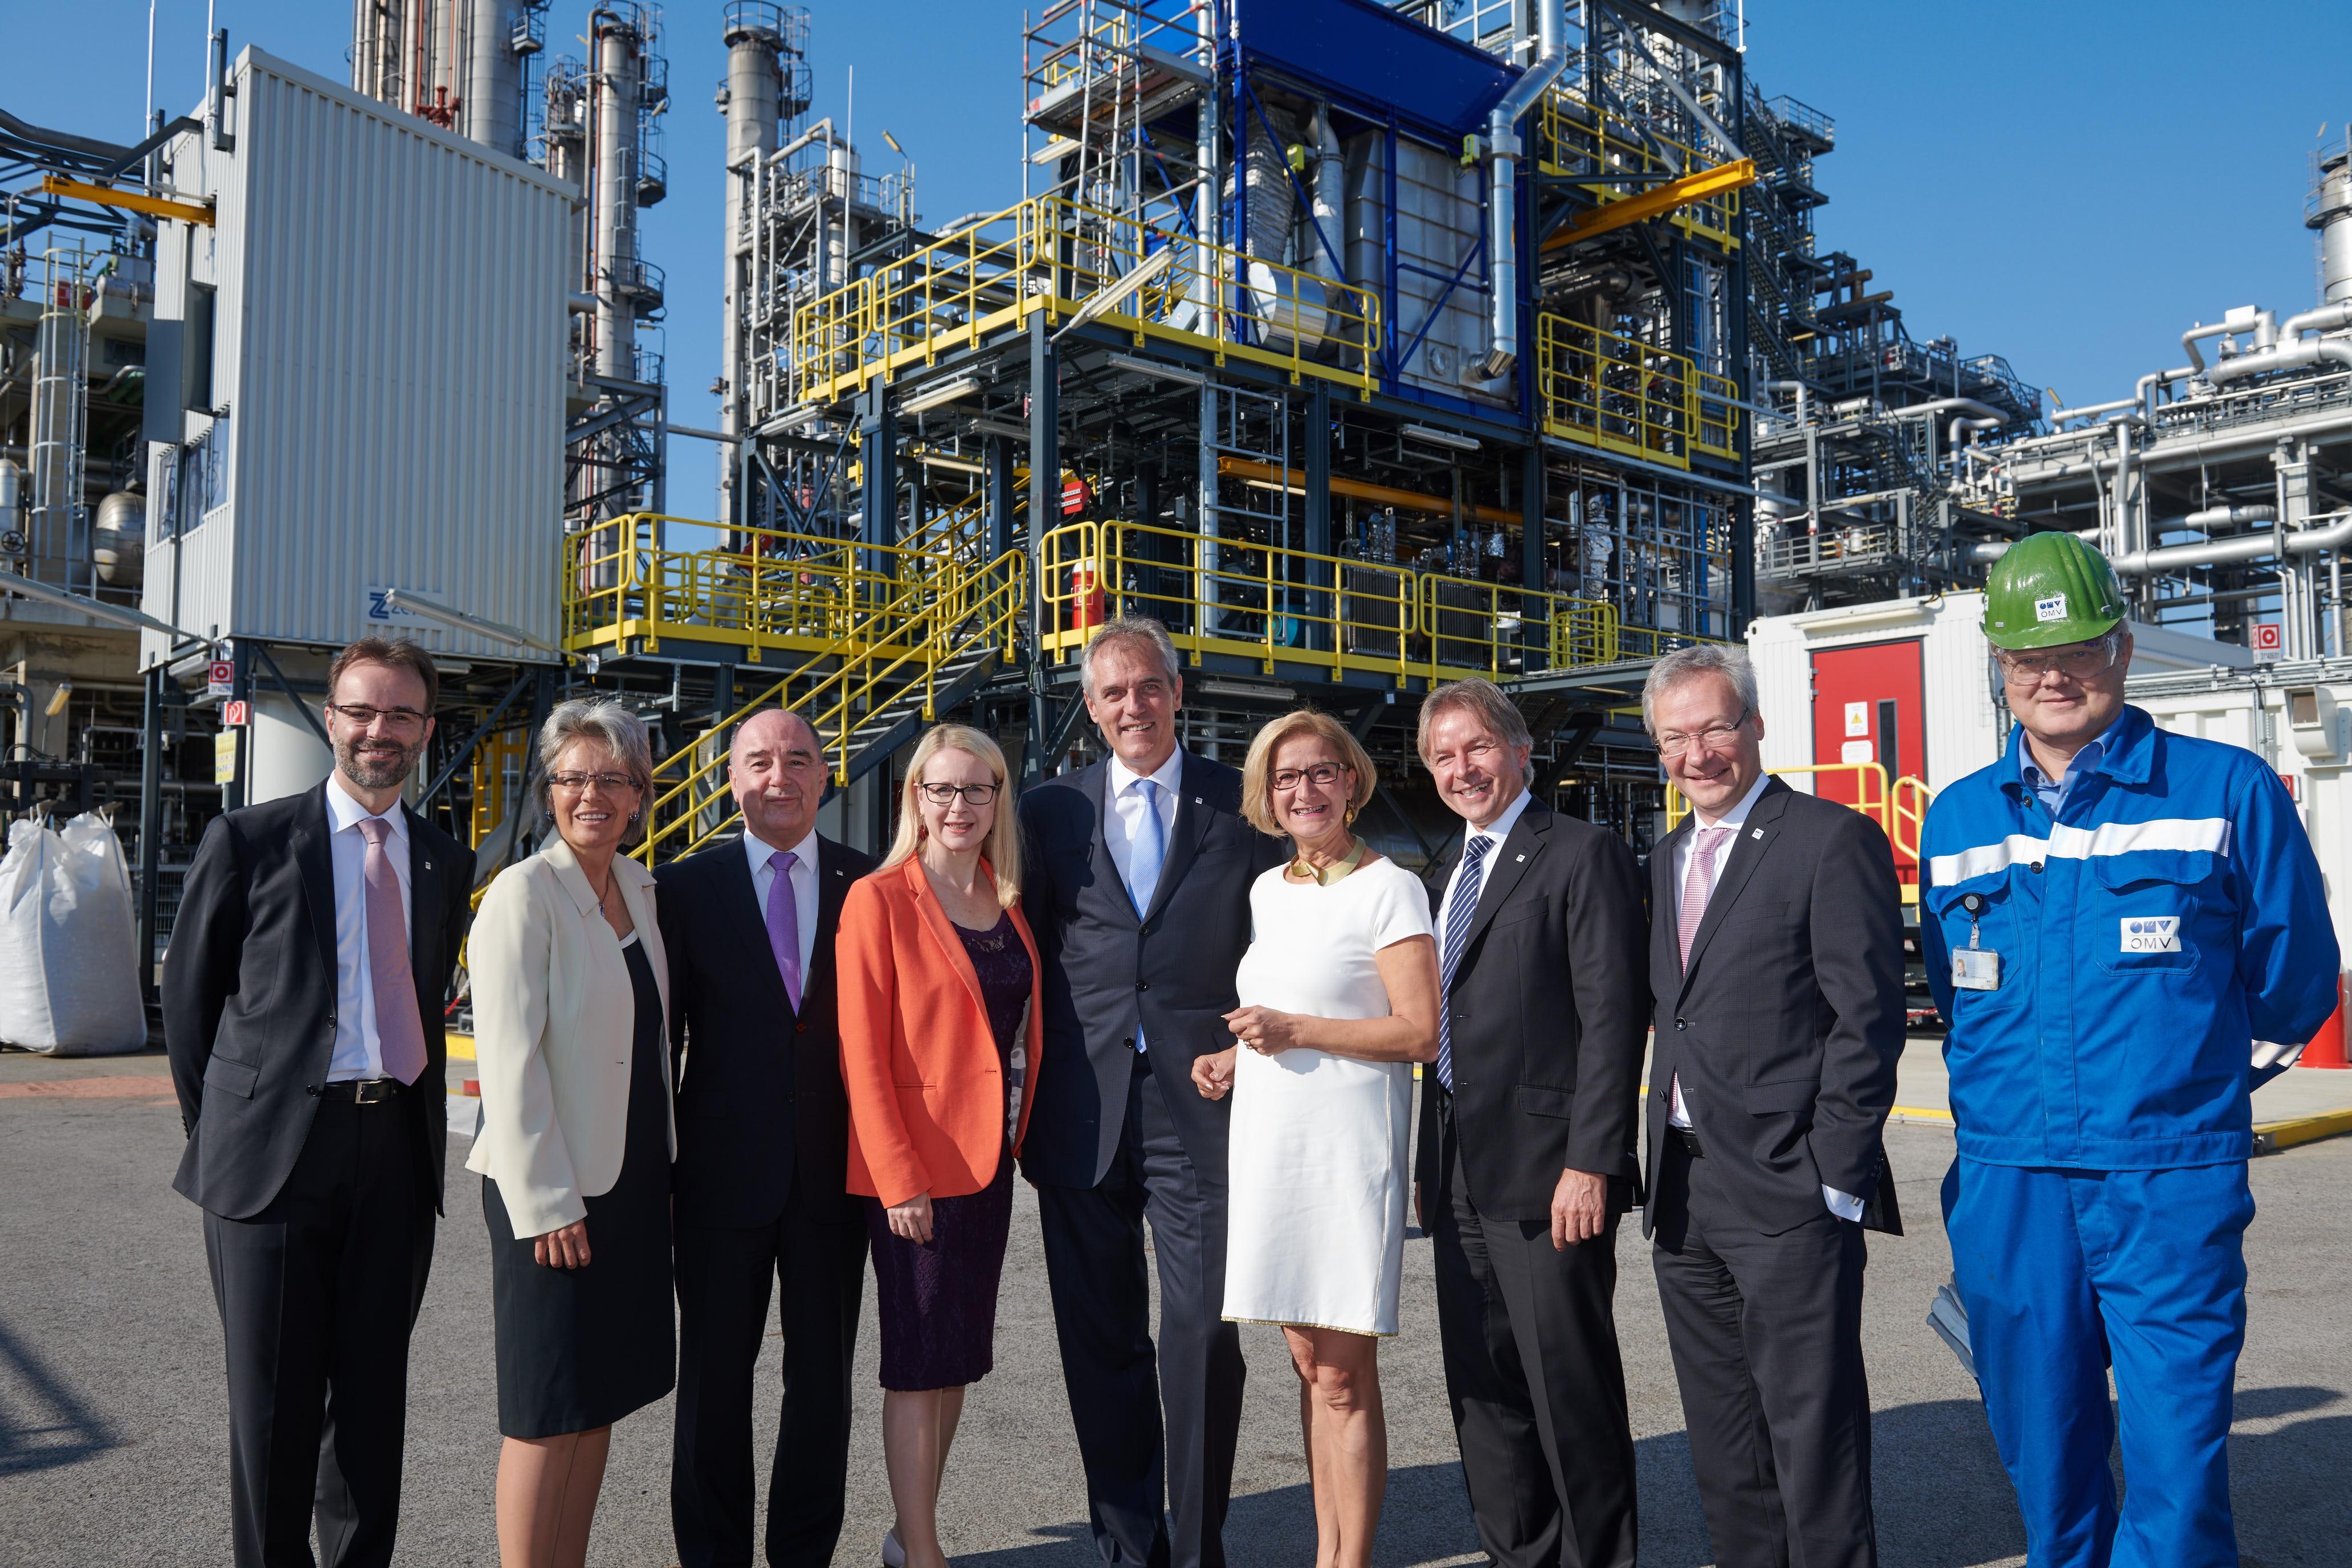 Vorstand und Wissenschaftler der OMV präsentierten gemeinsam mit Vertreterinnen aus der Landes- und Bundespolitik die ReOil Altkunststoff-Recyclinganlage in der OMV Raffinerie Schwechat